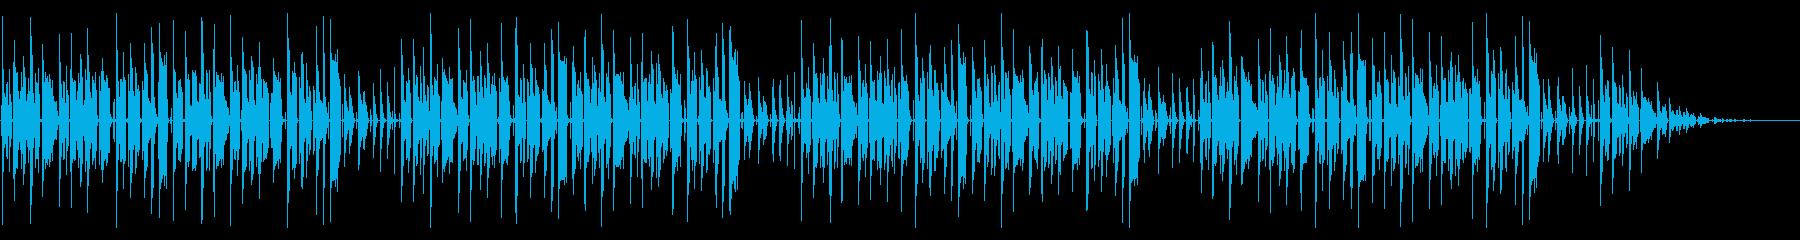 童謡「あめふり」脱力系アレンジの再生済みの波形